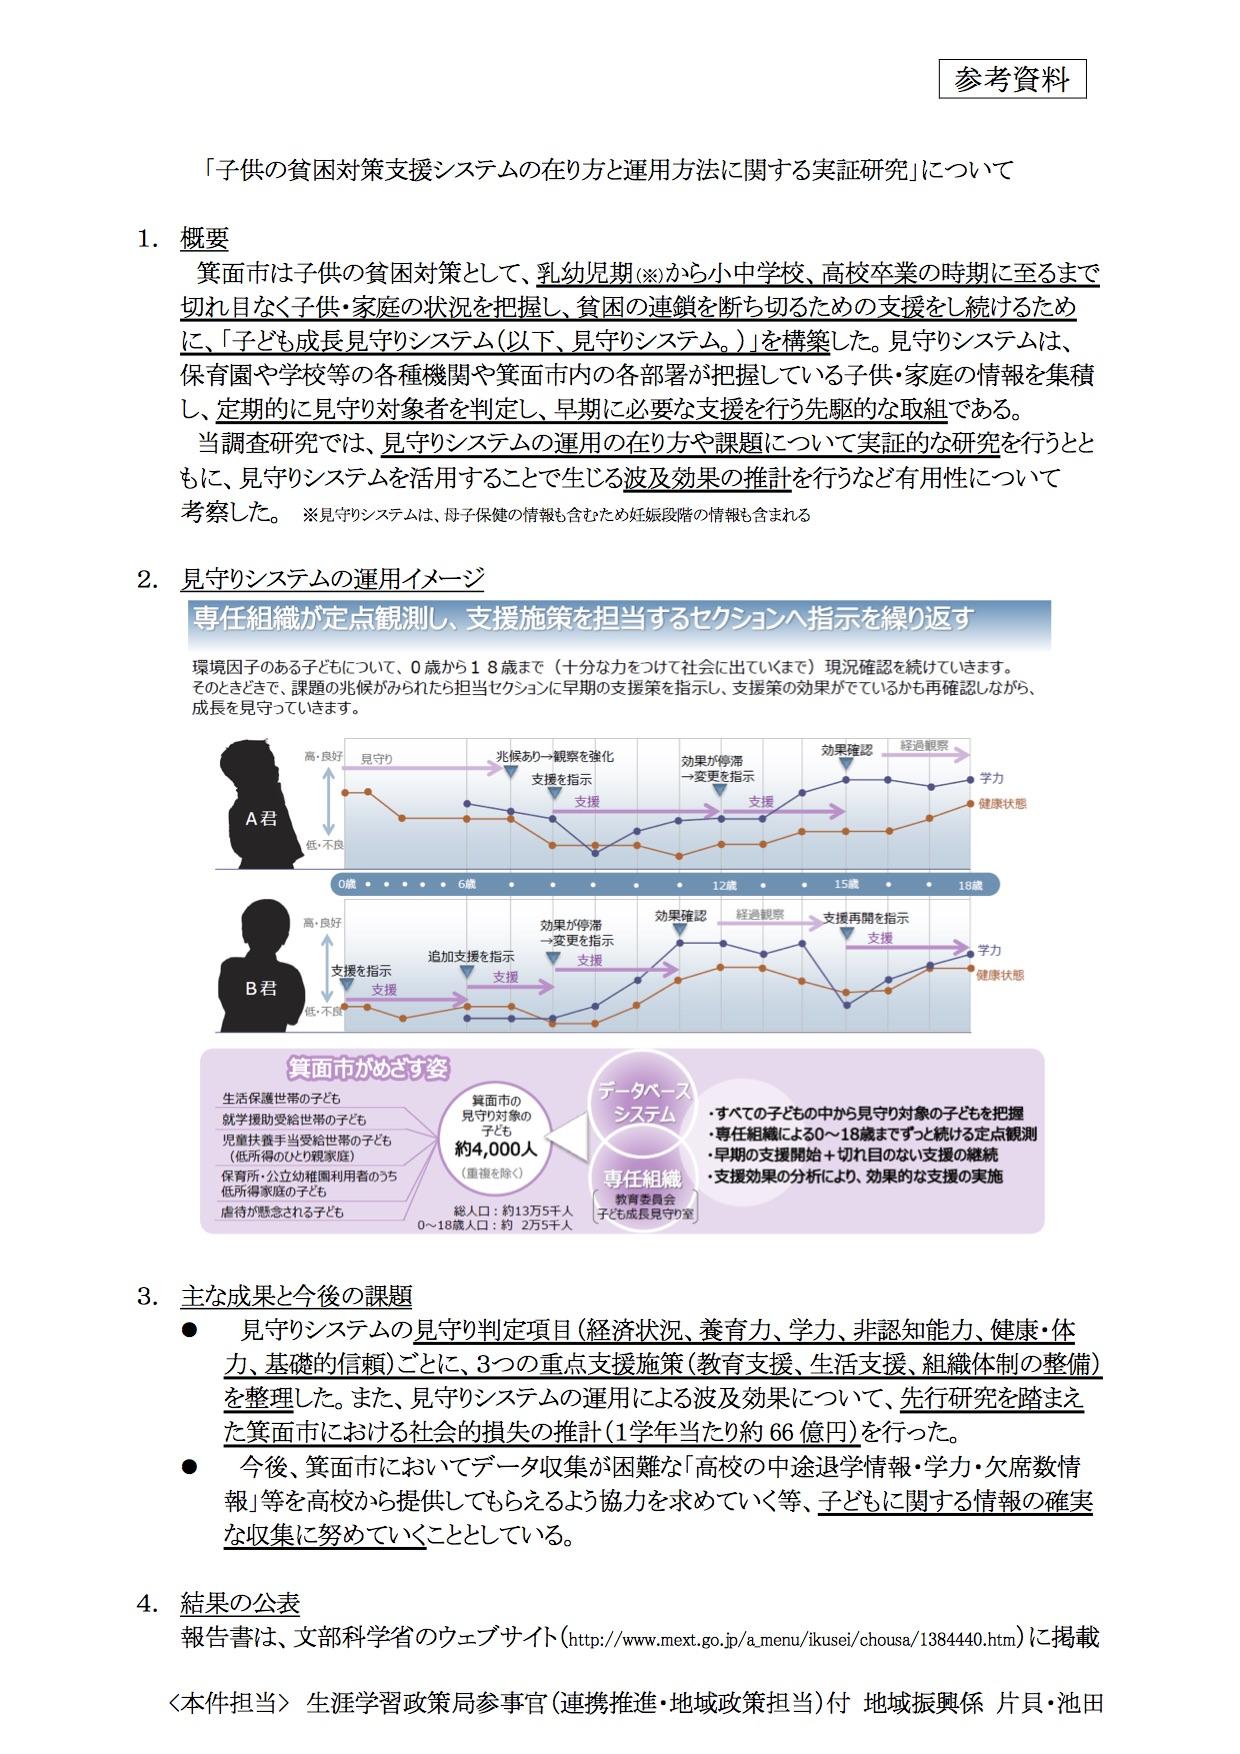 (別紙・参考資料)28年度「地域政策等に関する調査研究」報告書概要02